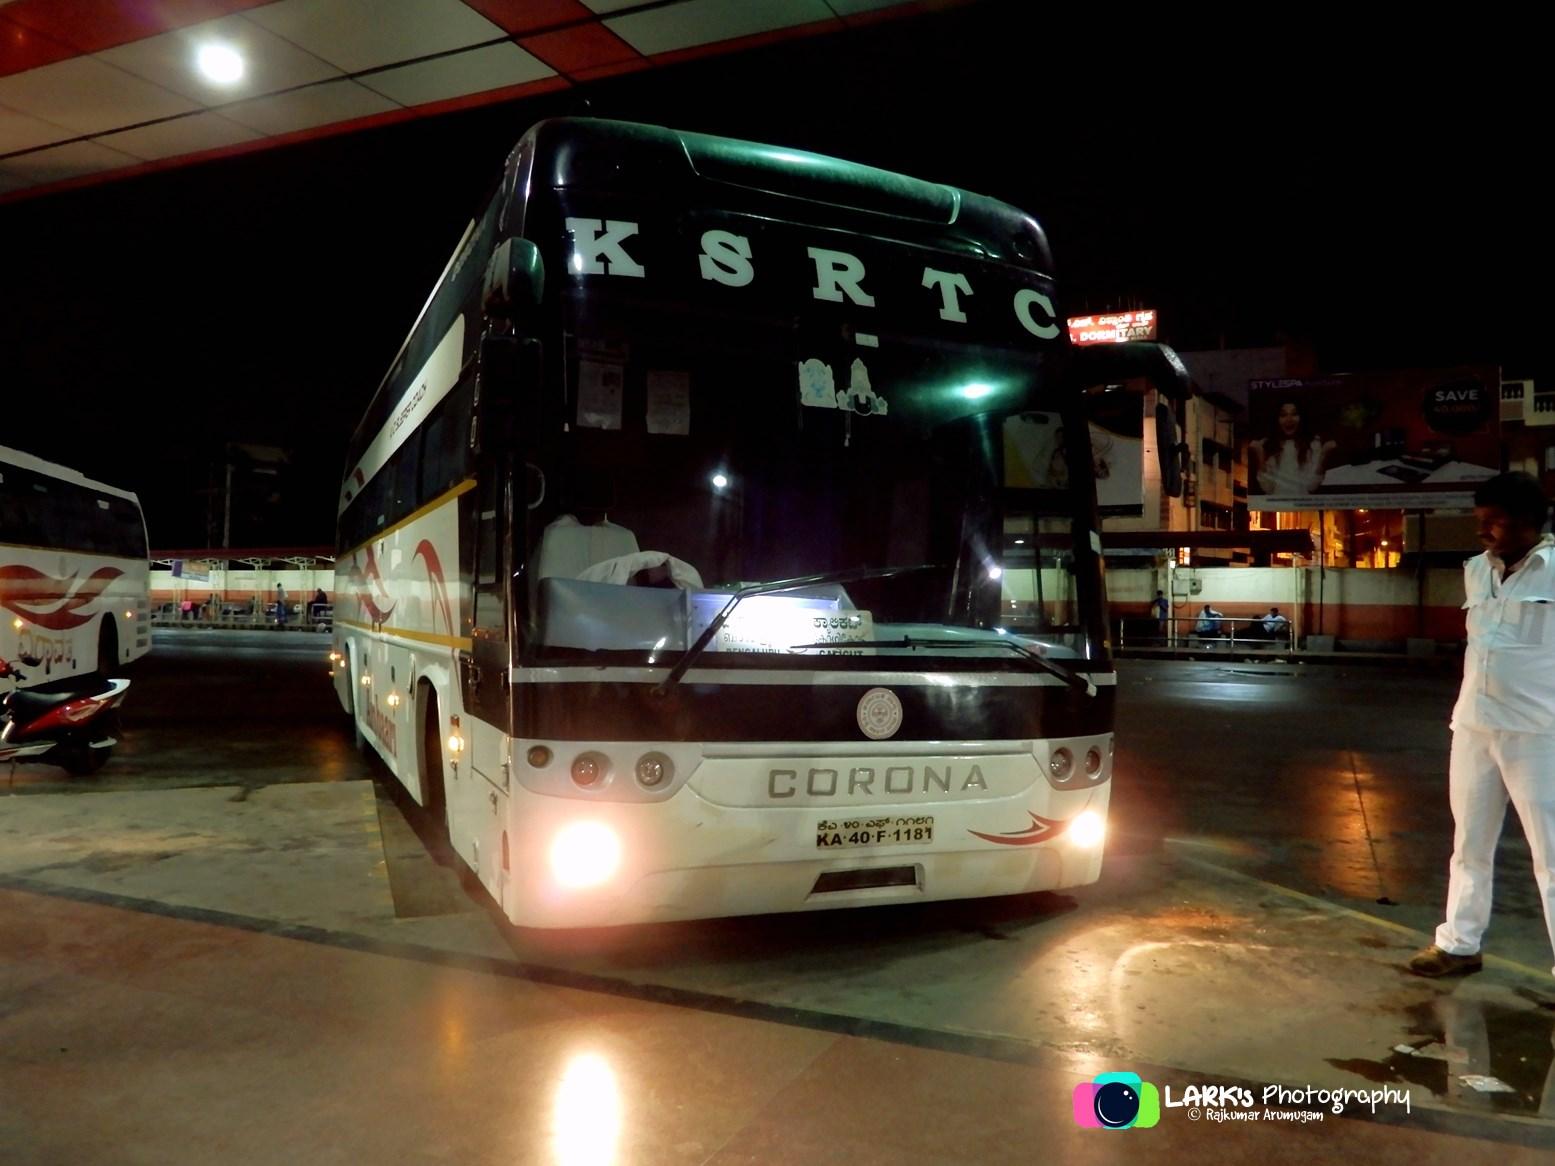 KSRTC KA-40-F-1181 Bangalore - Kozhikode